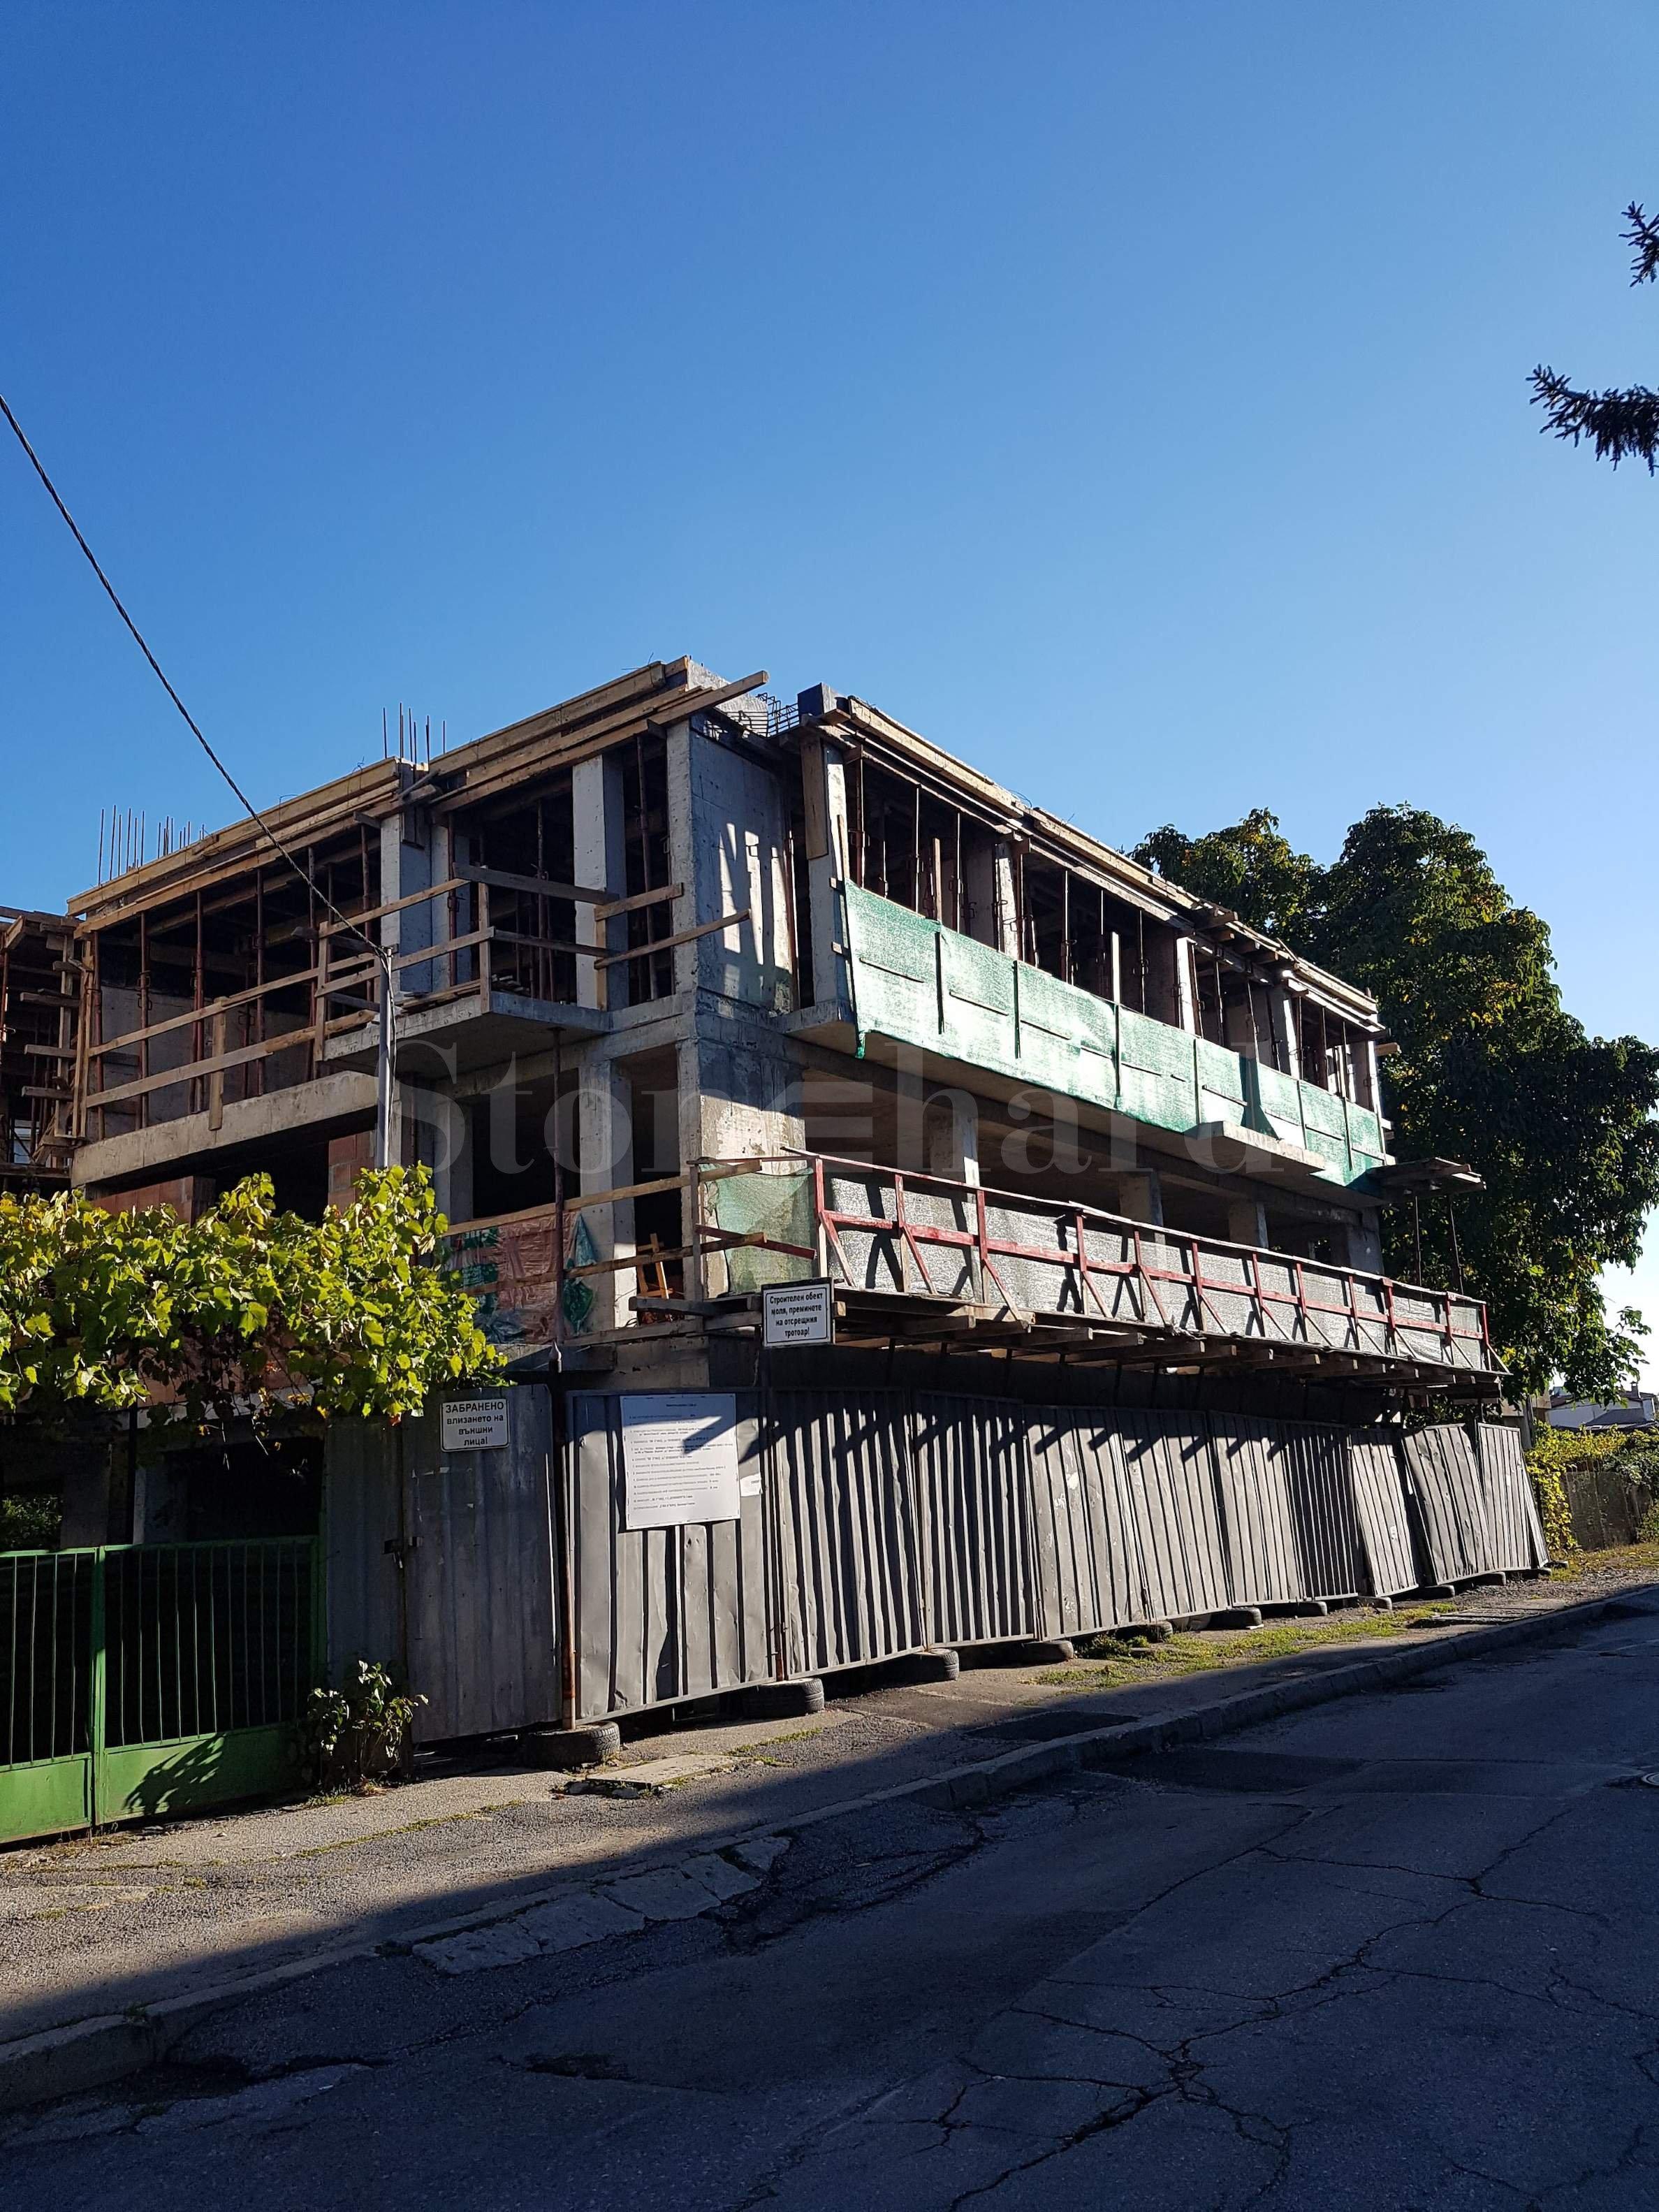 Новострояща се сграда с удобна локация в кв. Павлово1 - Stonehard